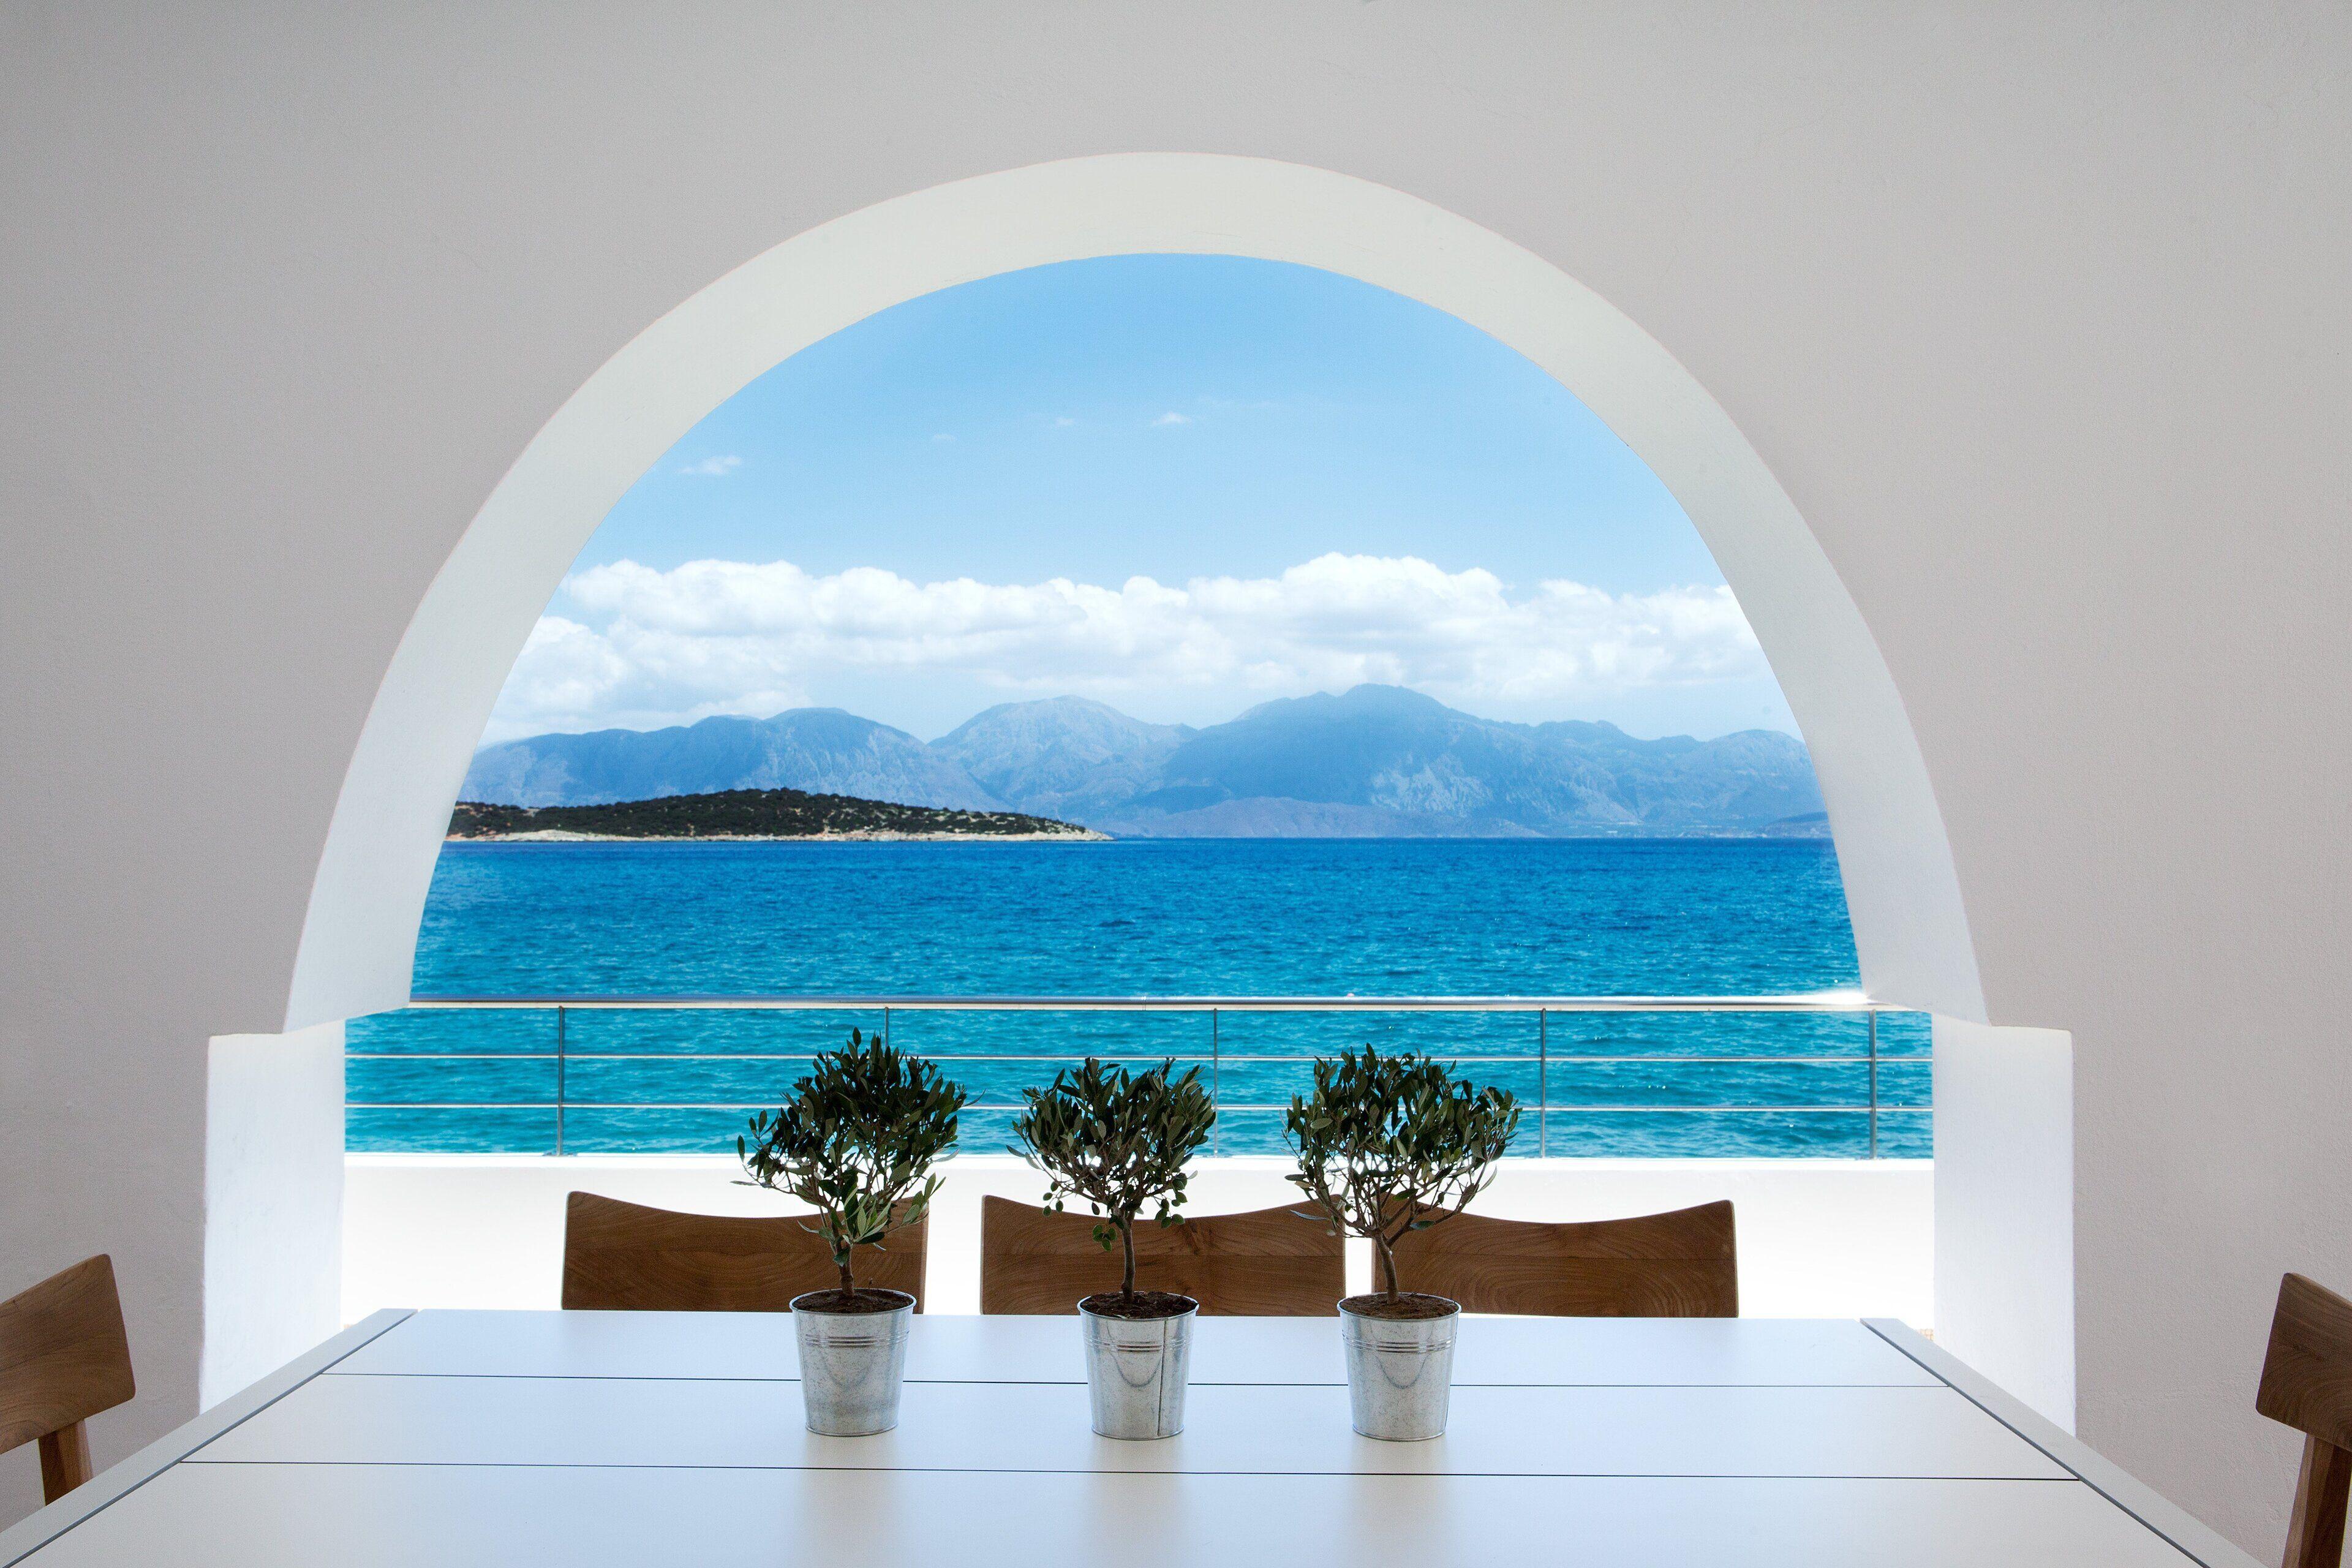 Courtesy of Minos Beach Art Hotel / Expedia.com